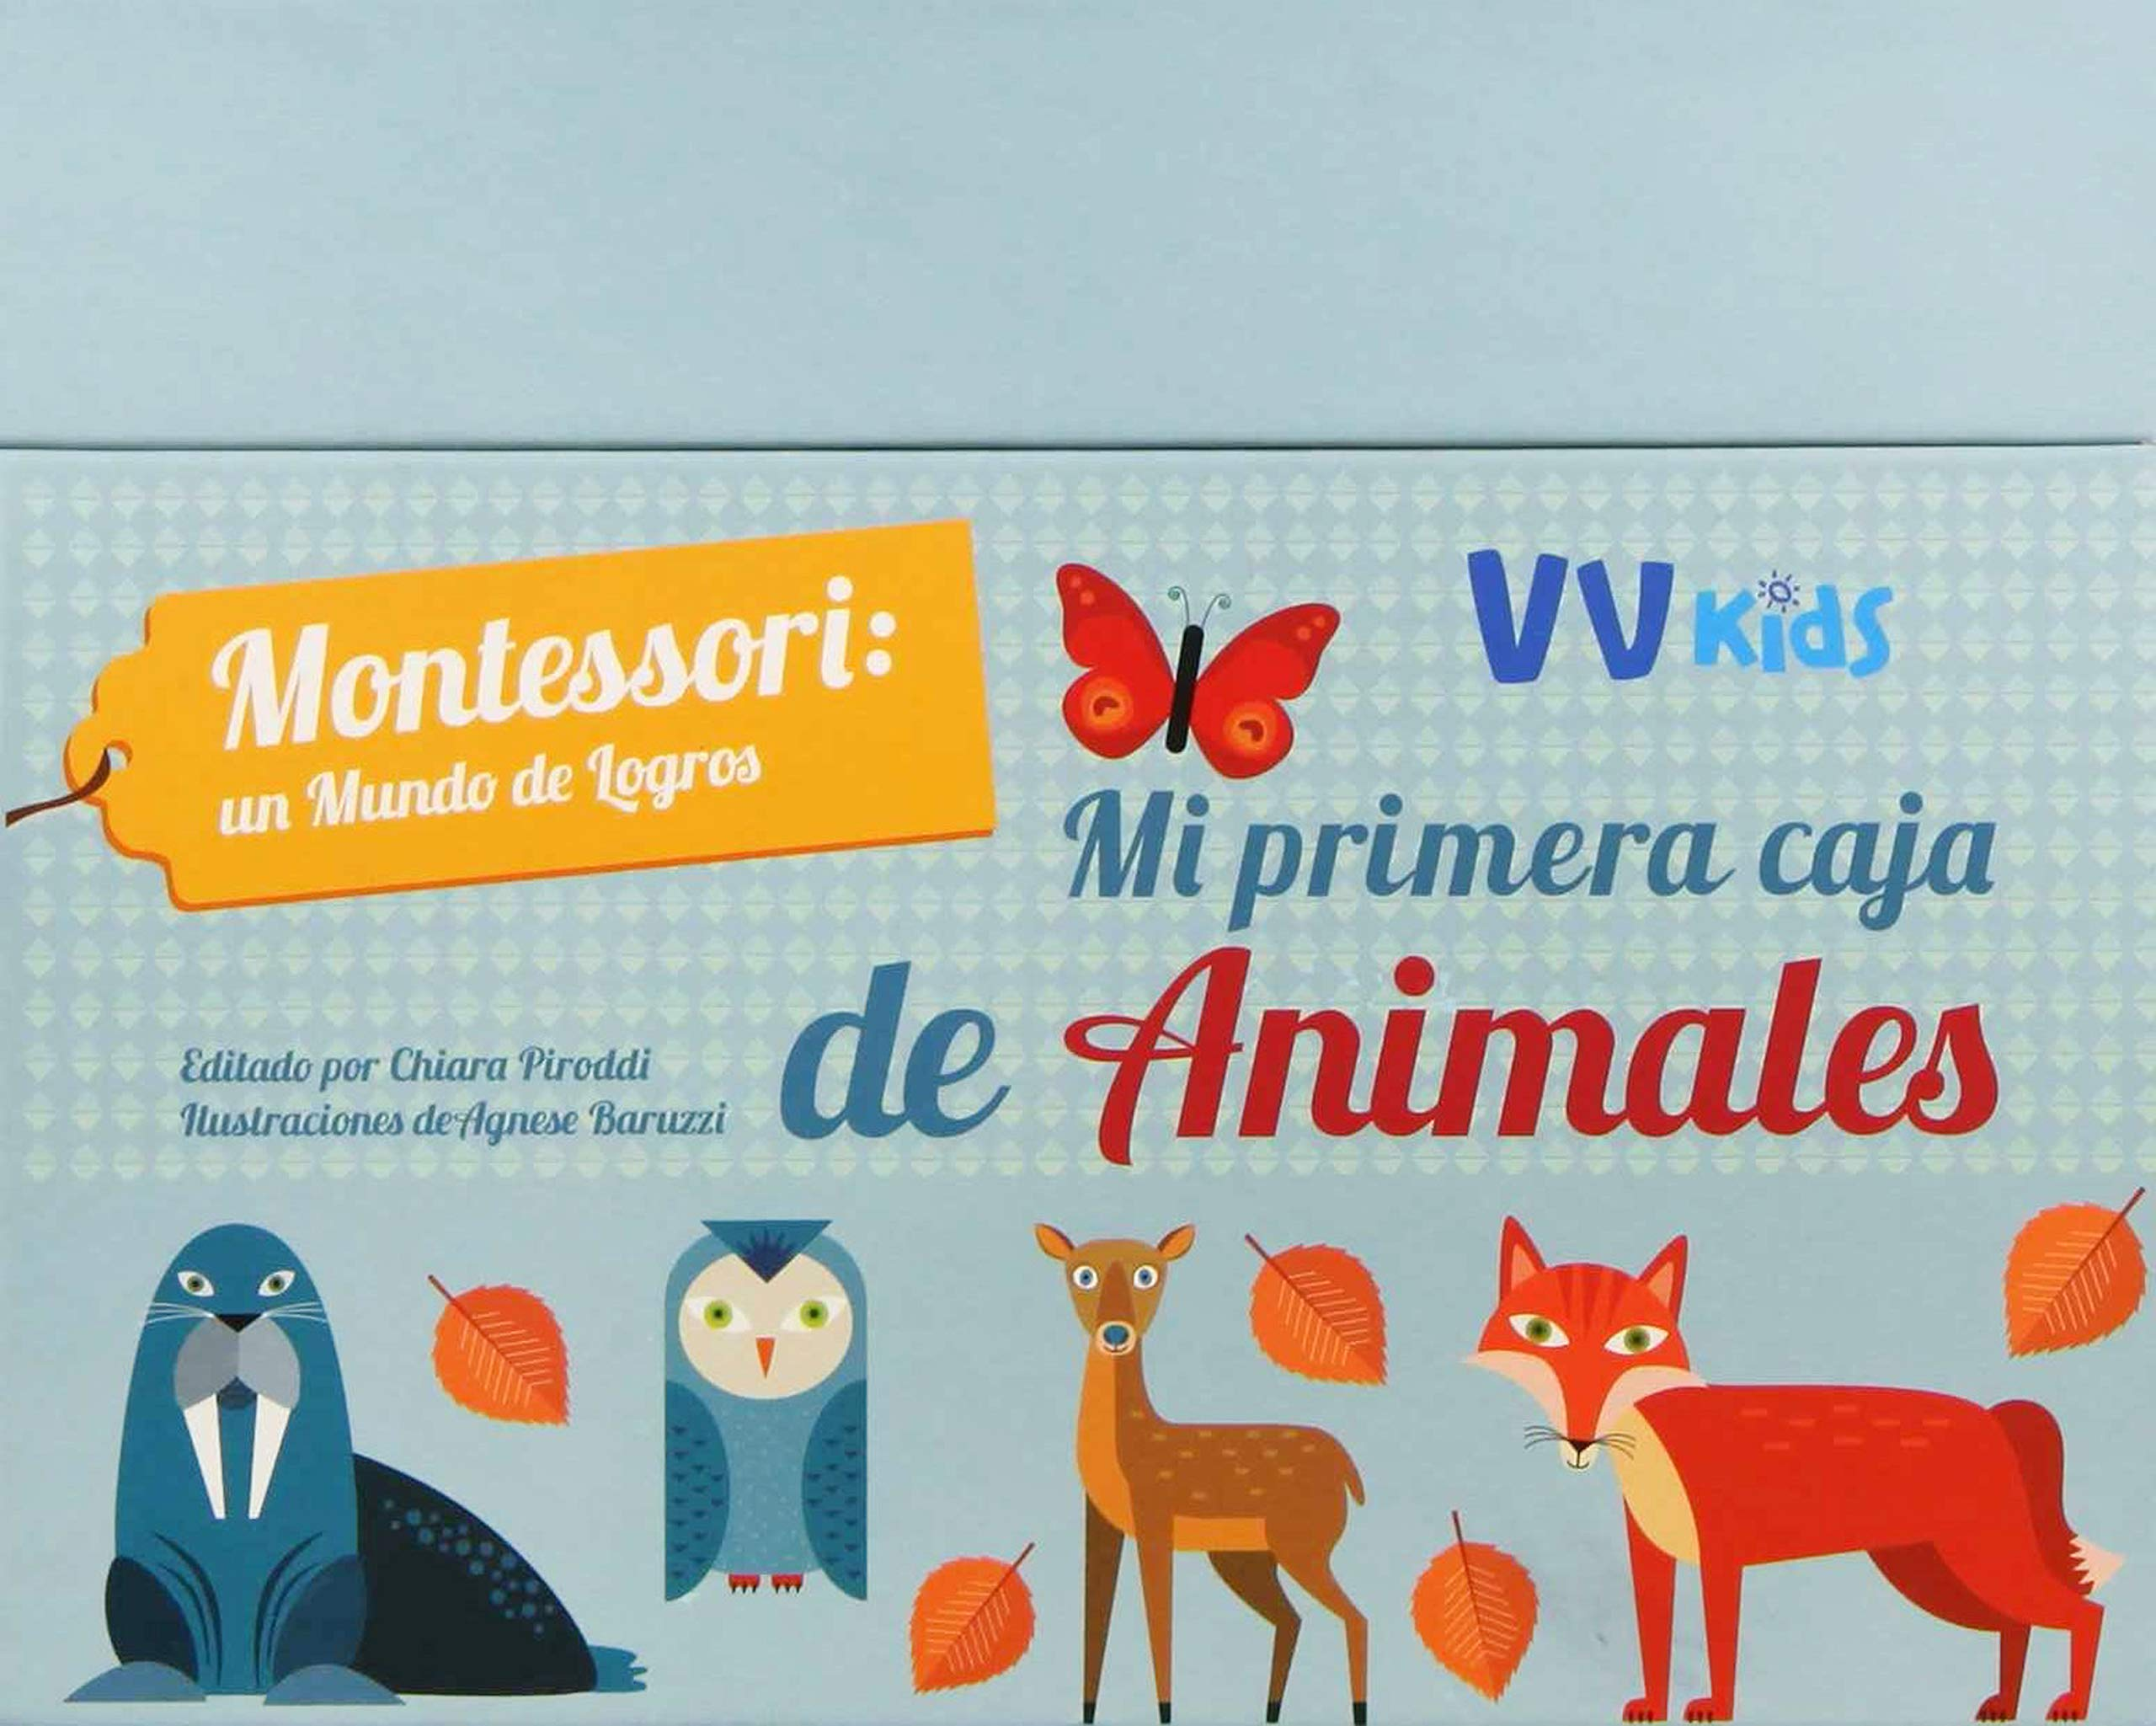 MI PRIMERA CAJA DE ANIMALES VVKIDS Vvkids Montessori: Amazon.es: Piroddi, Chiara, Baruzzi, Agnese: Libros